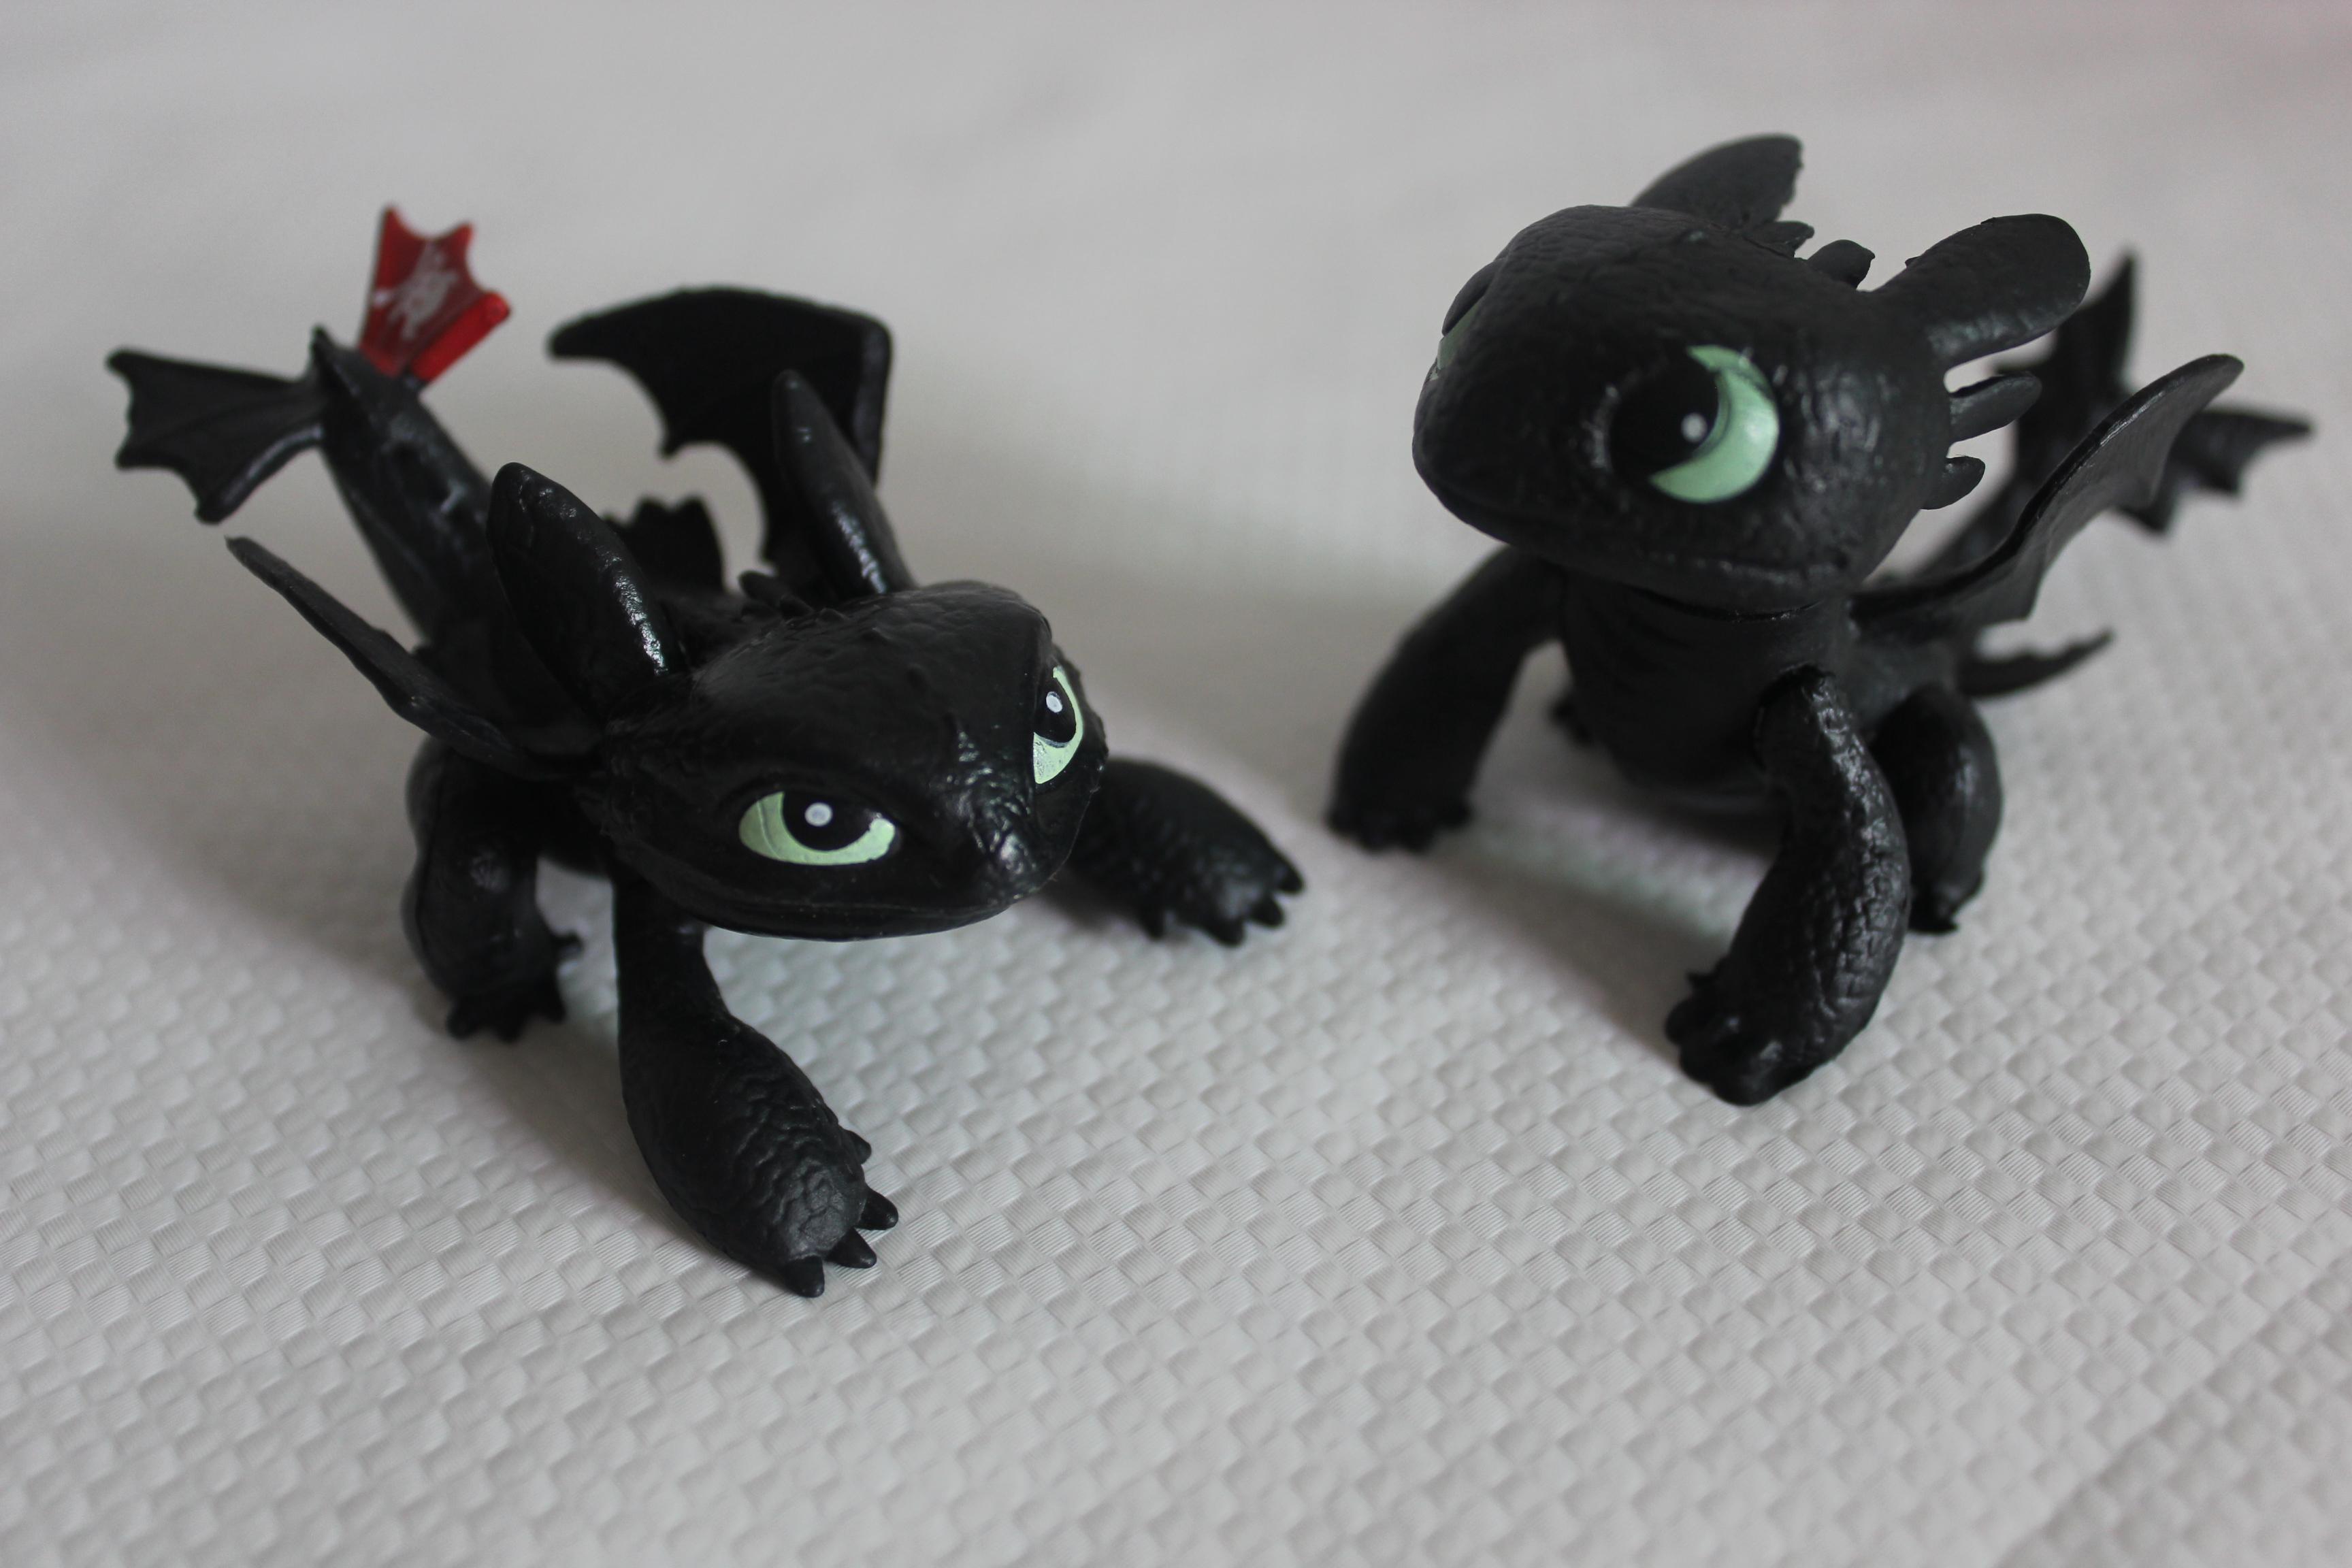 Как натренировать вашего дракона 2Q руки как приручить дракона беззубый беззубый ночи фильм модели детских игрушек